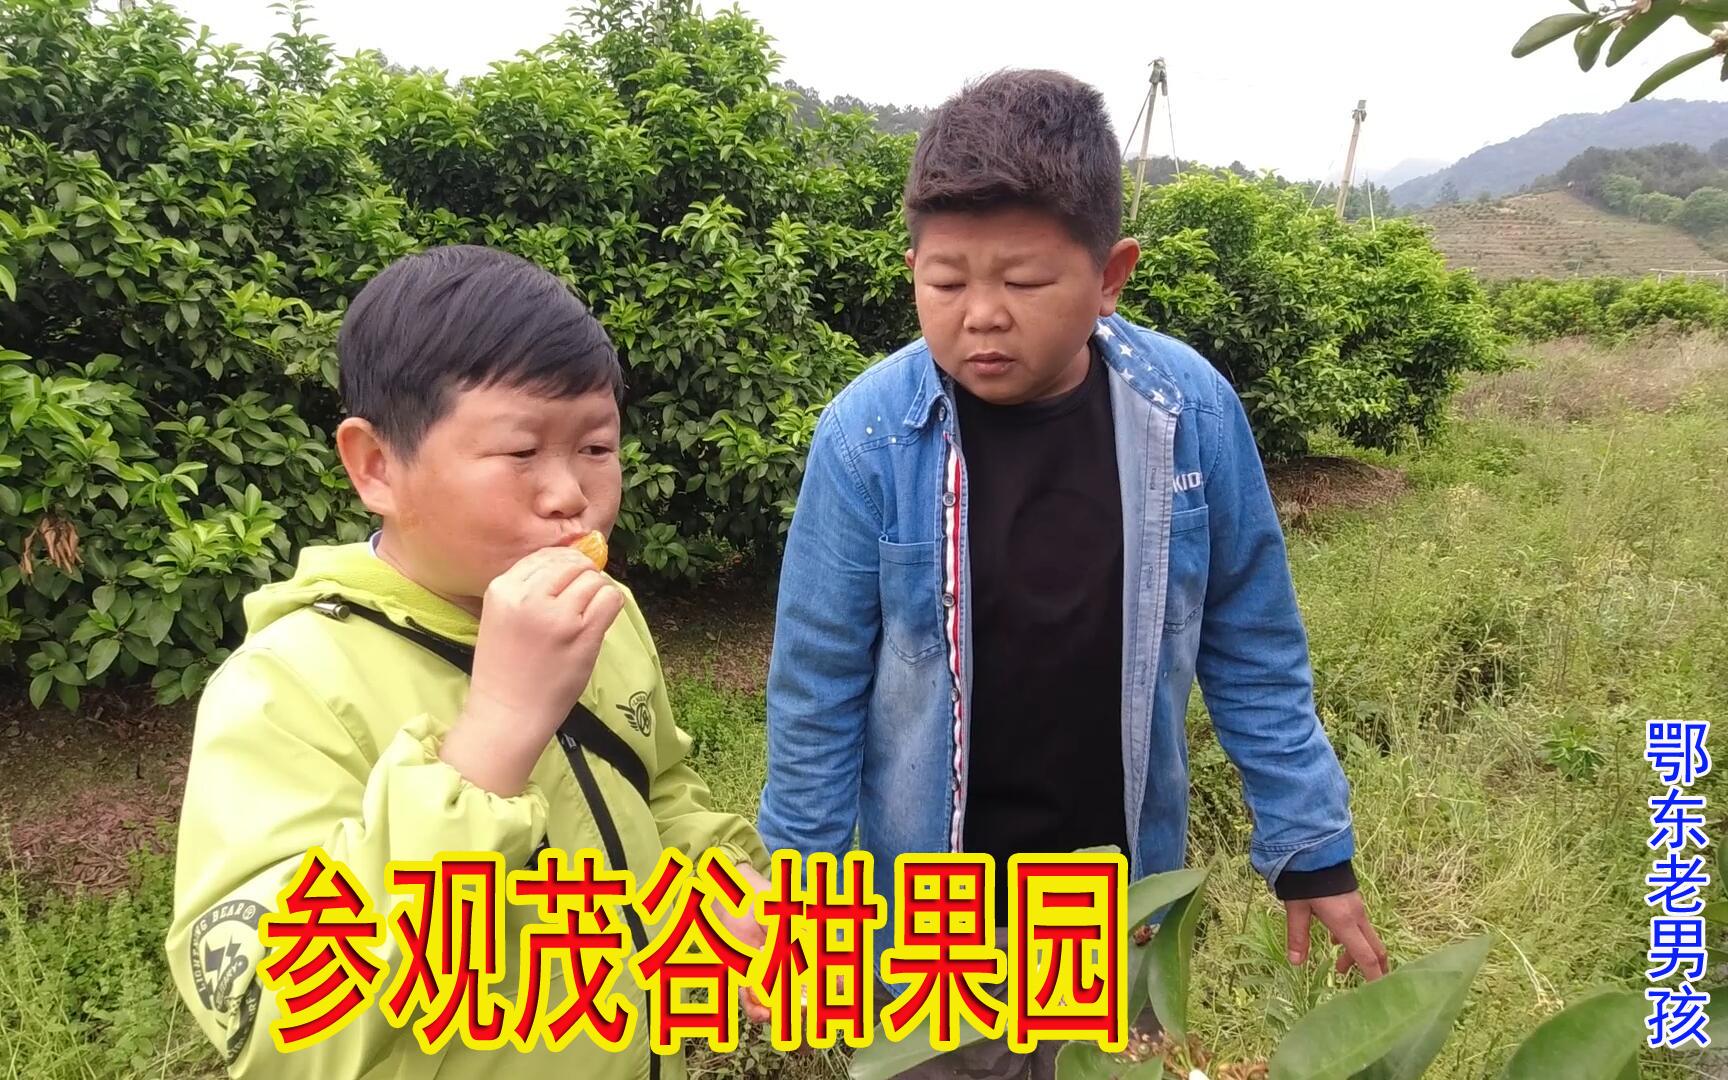 小六带老男孩参观茂谷柑果园,老男孩一激动说错话了,被小六取笑